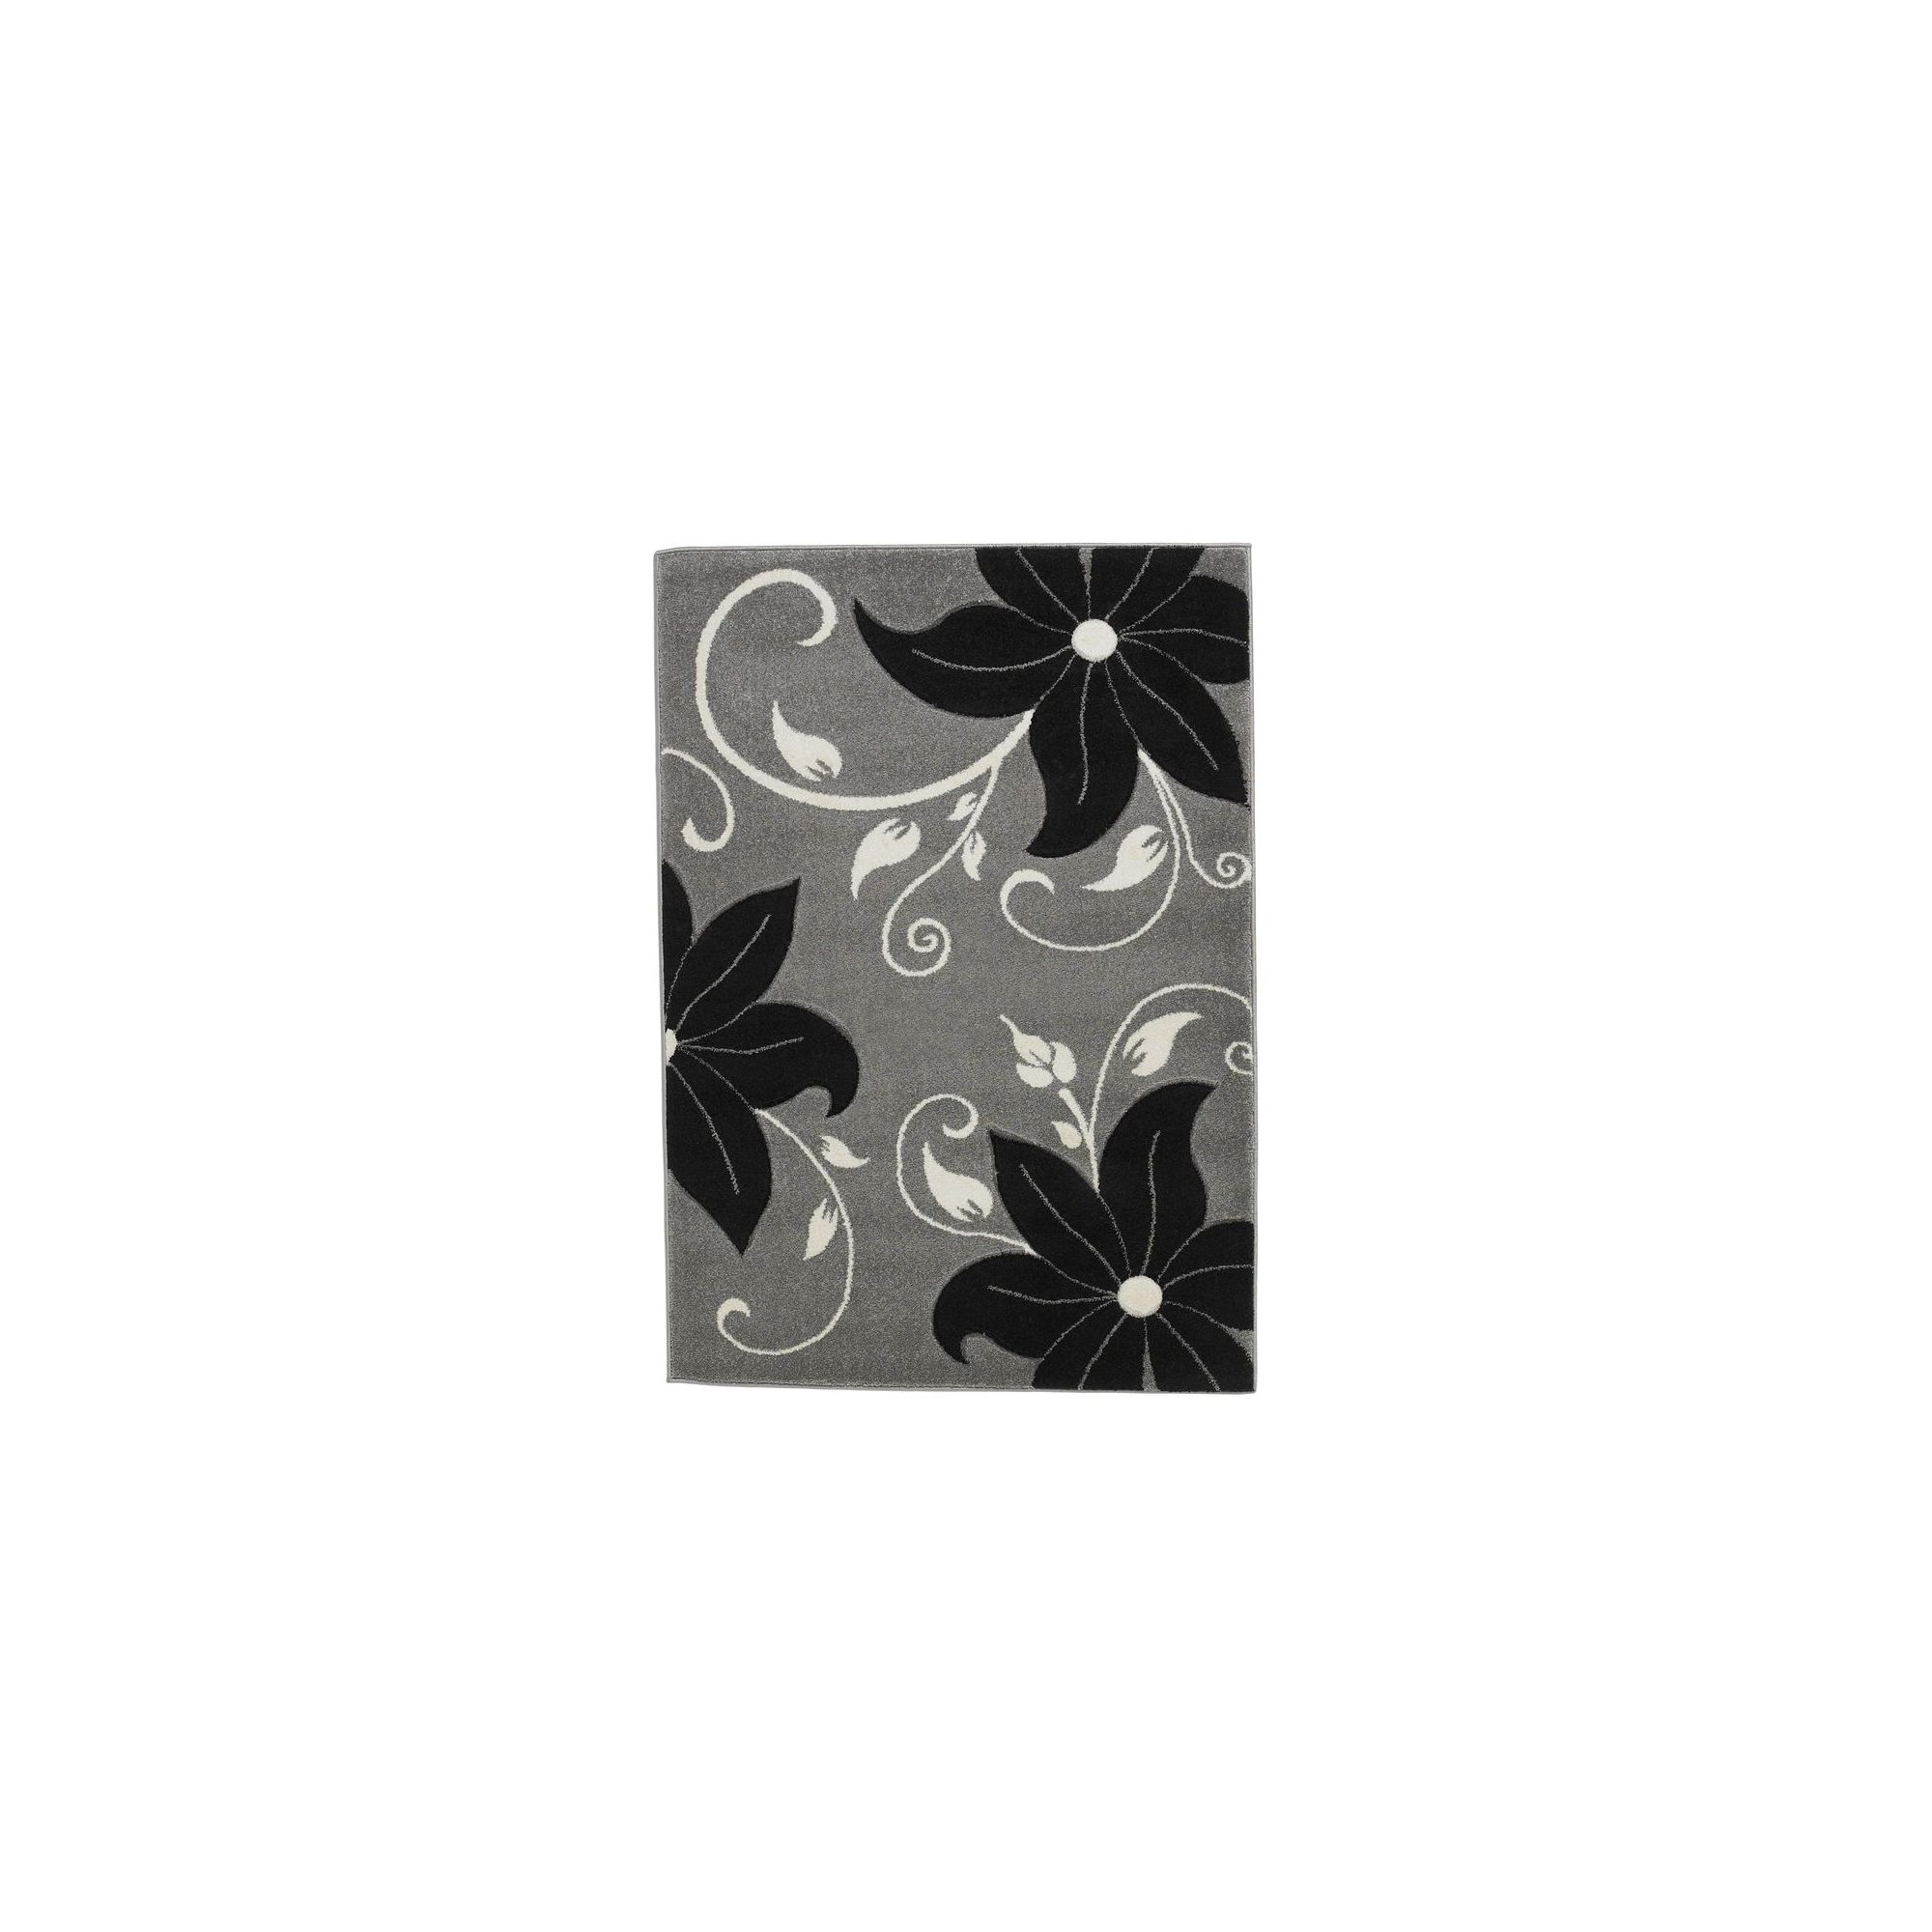 Oriental Carpets & Rugs Verona Grey/Black Carved Rug - 80 cm x 150 cm (2 ft 7 in x 4 ft 11 in)